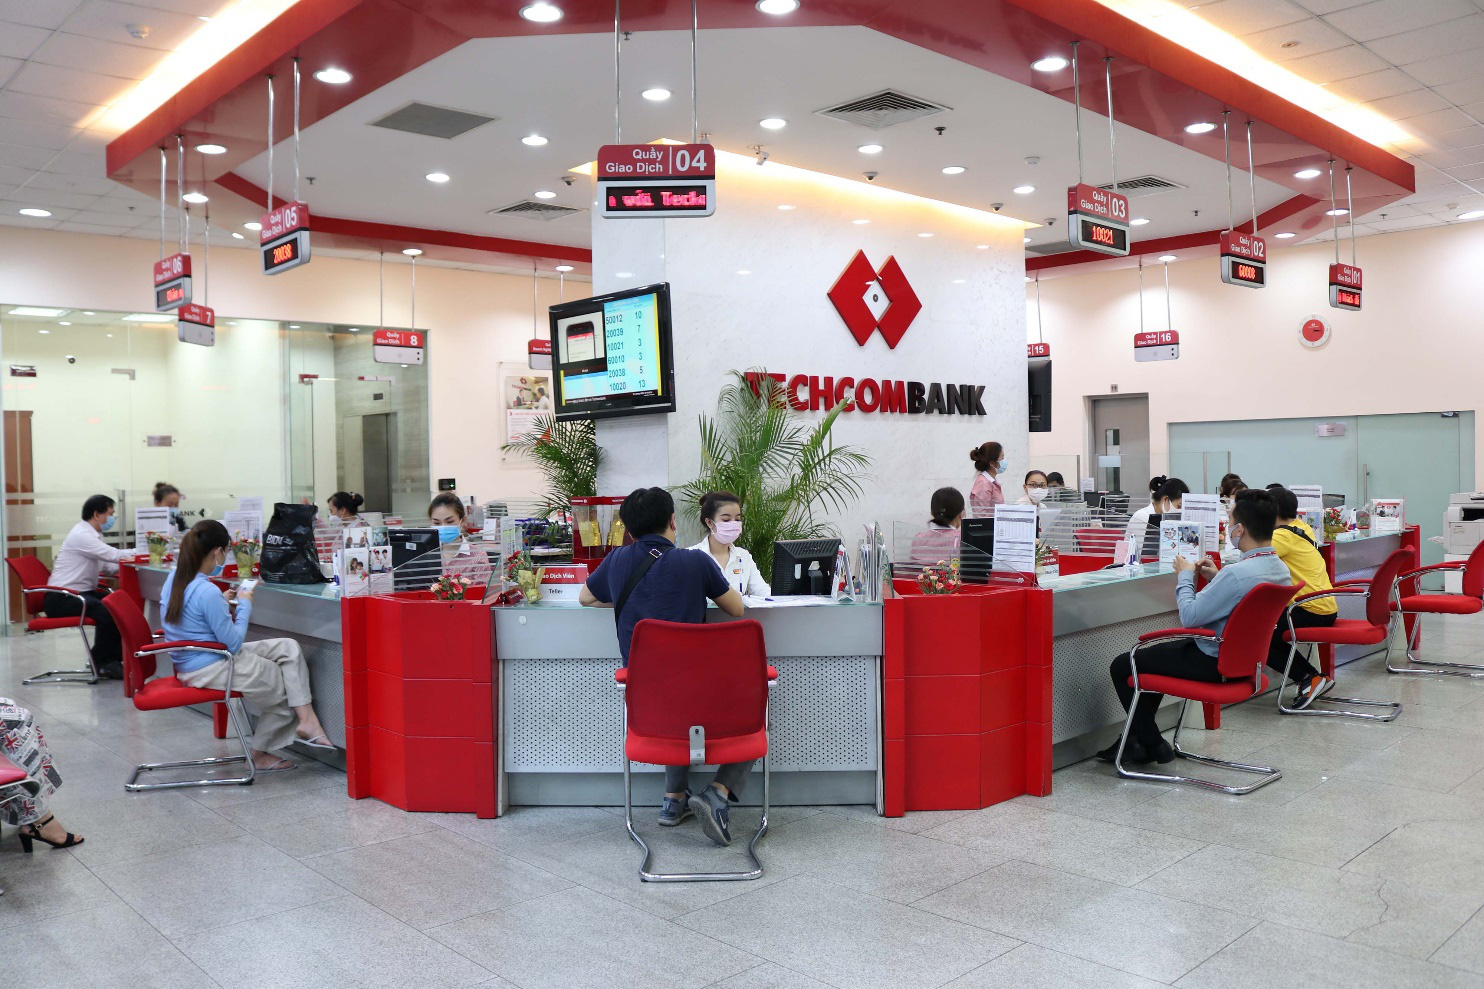 """Techcombank - """"Ngân hàng cung cấp giải pháp tốt nhất cho Khách hàng Doanh nghiệp vừa và nhỏ"""" - Ảnh 1."""